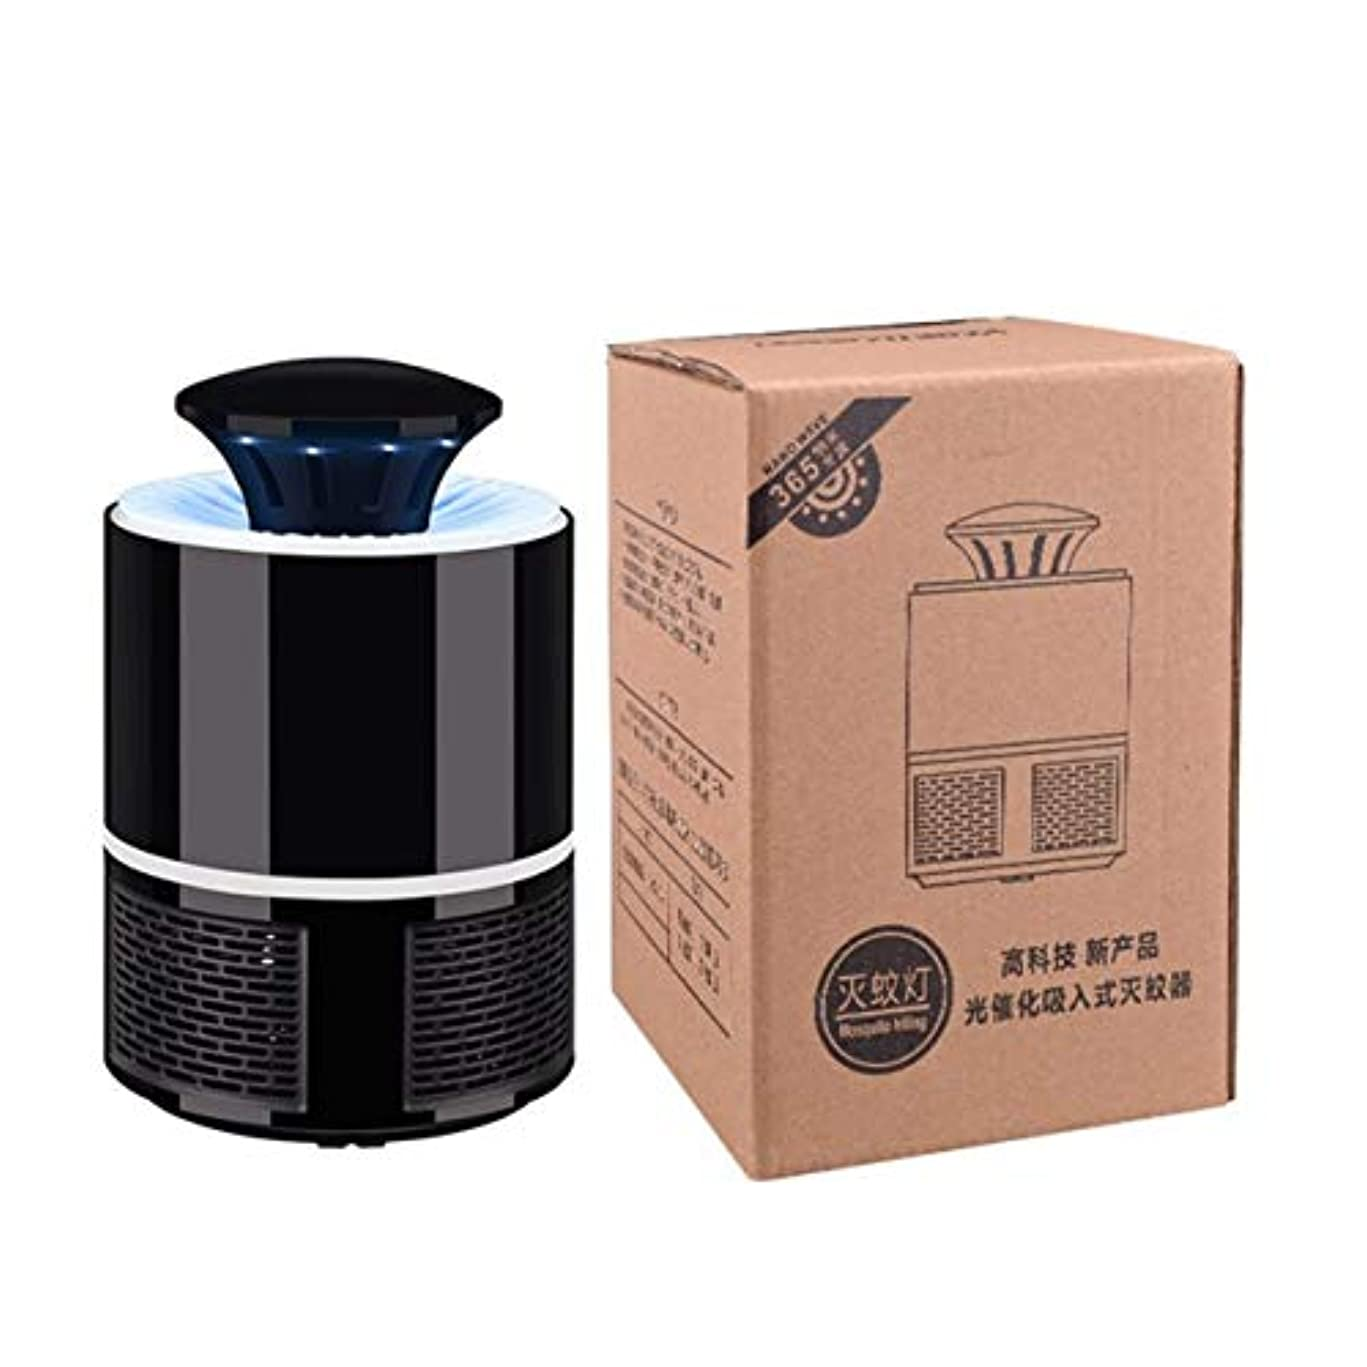 おばさん寸法逸話Saikogoods USB無放射電子モスキートキラーライトランプ家庭の使用は USBモスキートトラップバグ昆虫ザッパーLEDライト 黒